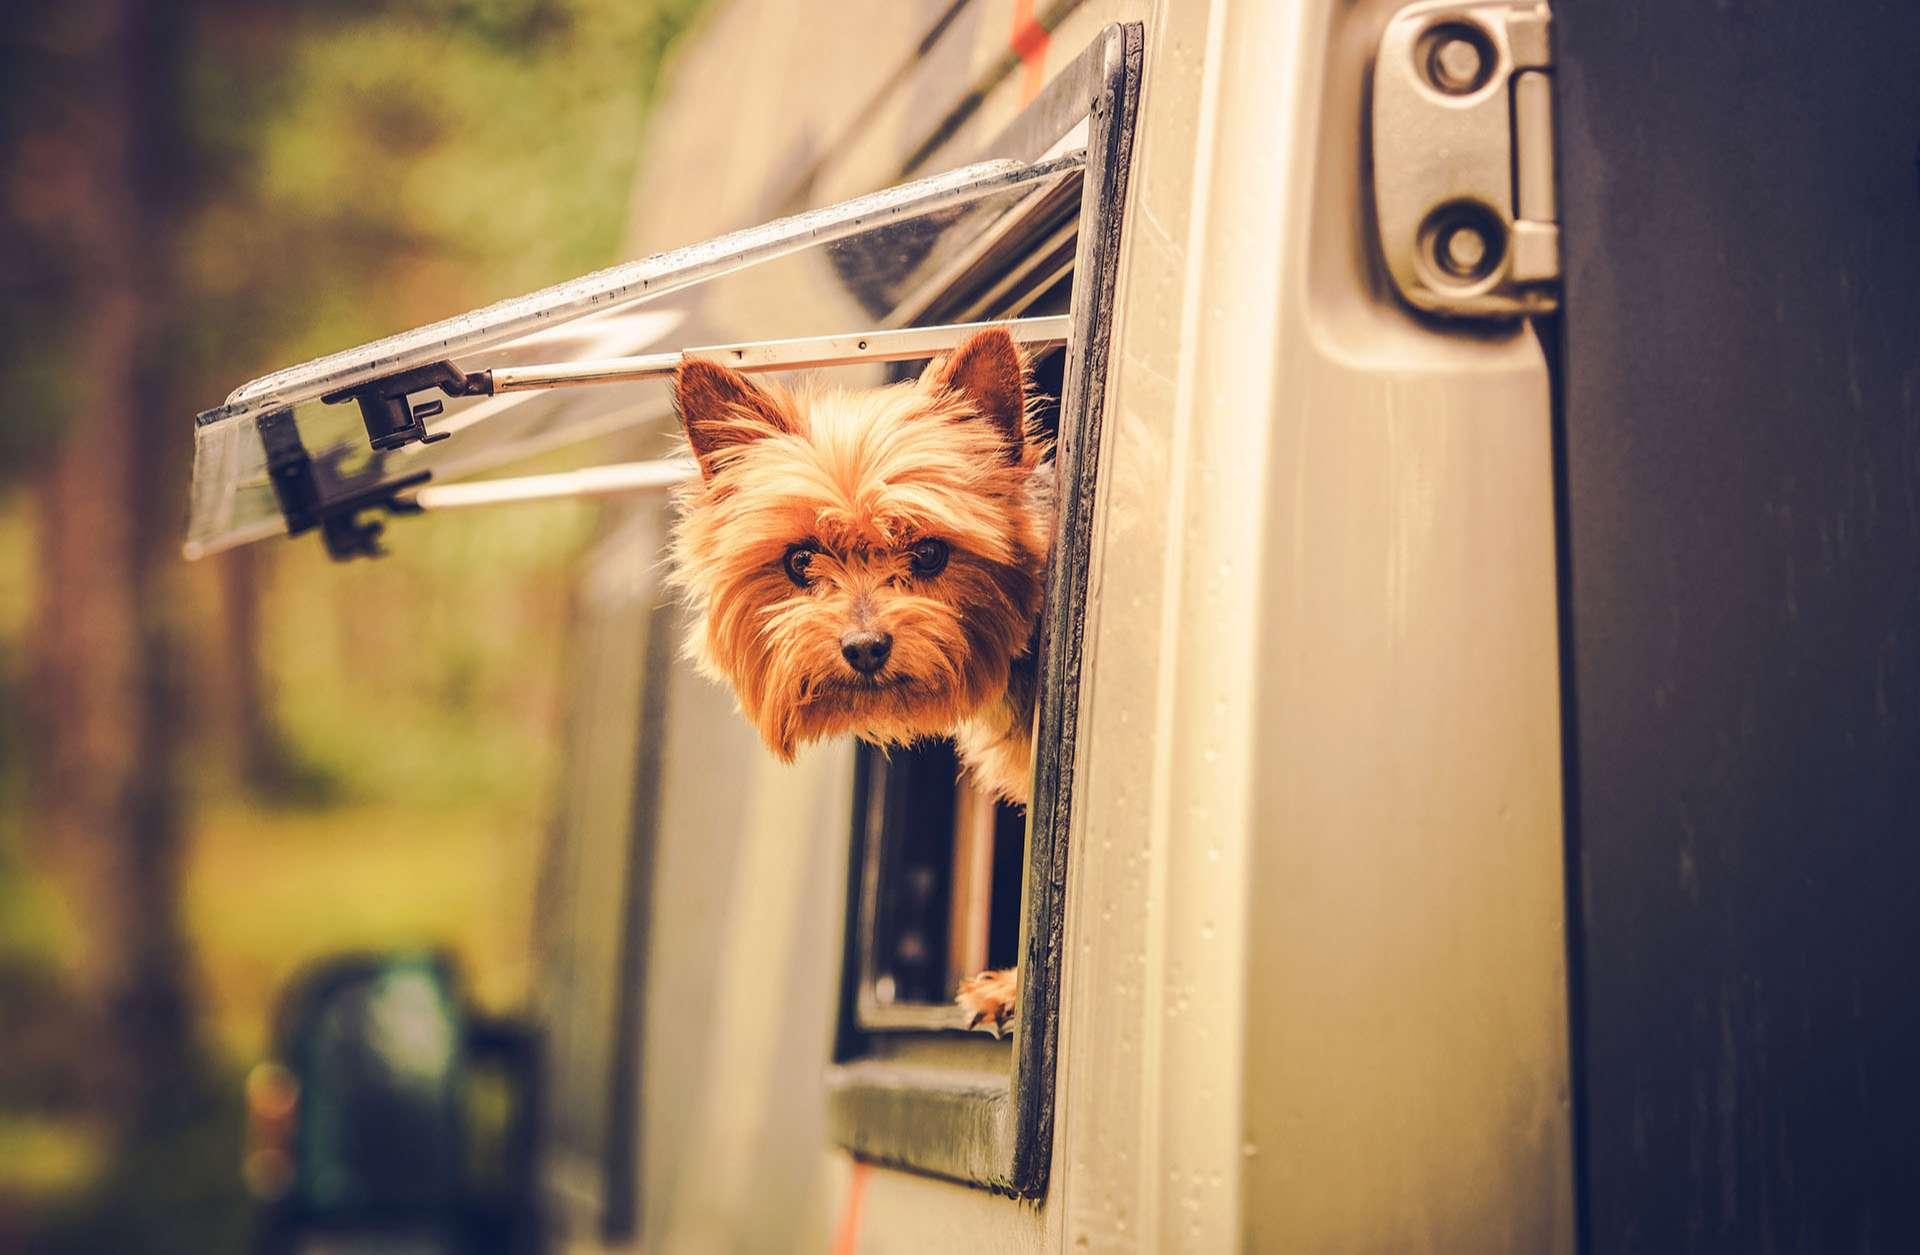 Ein Bild von einem Hund der aus dem Fenster eines Wohnmobil schaut.